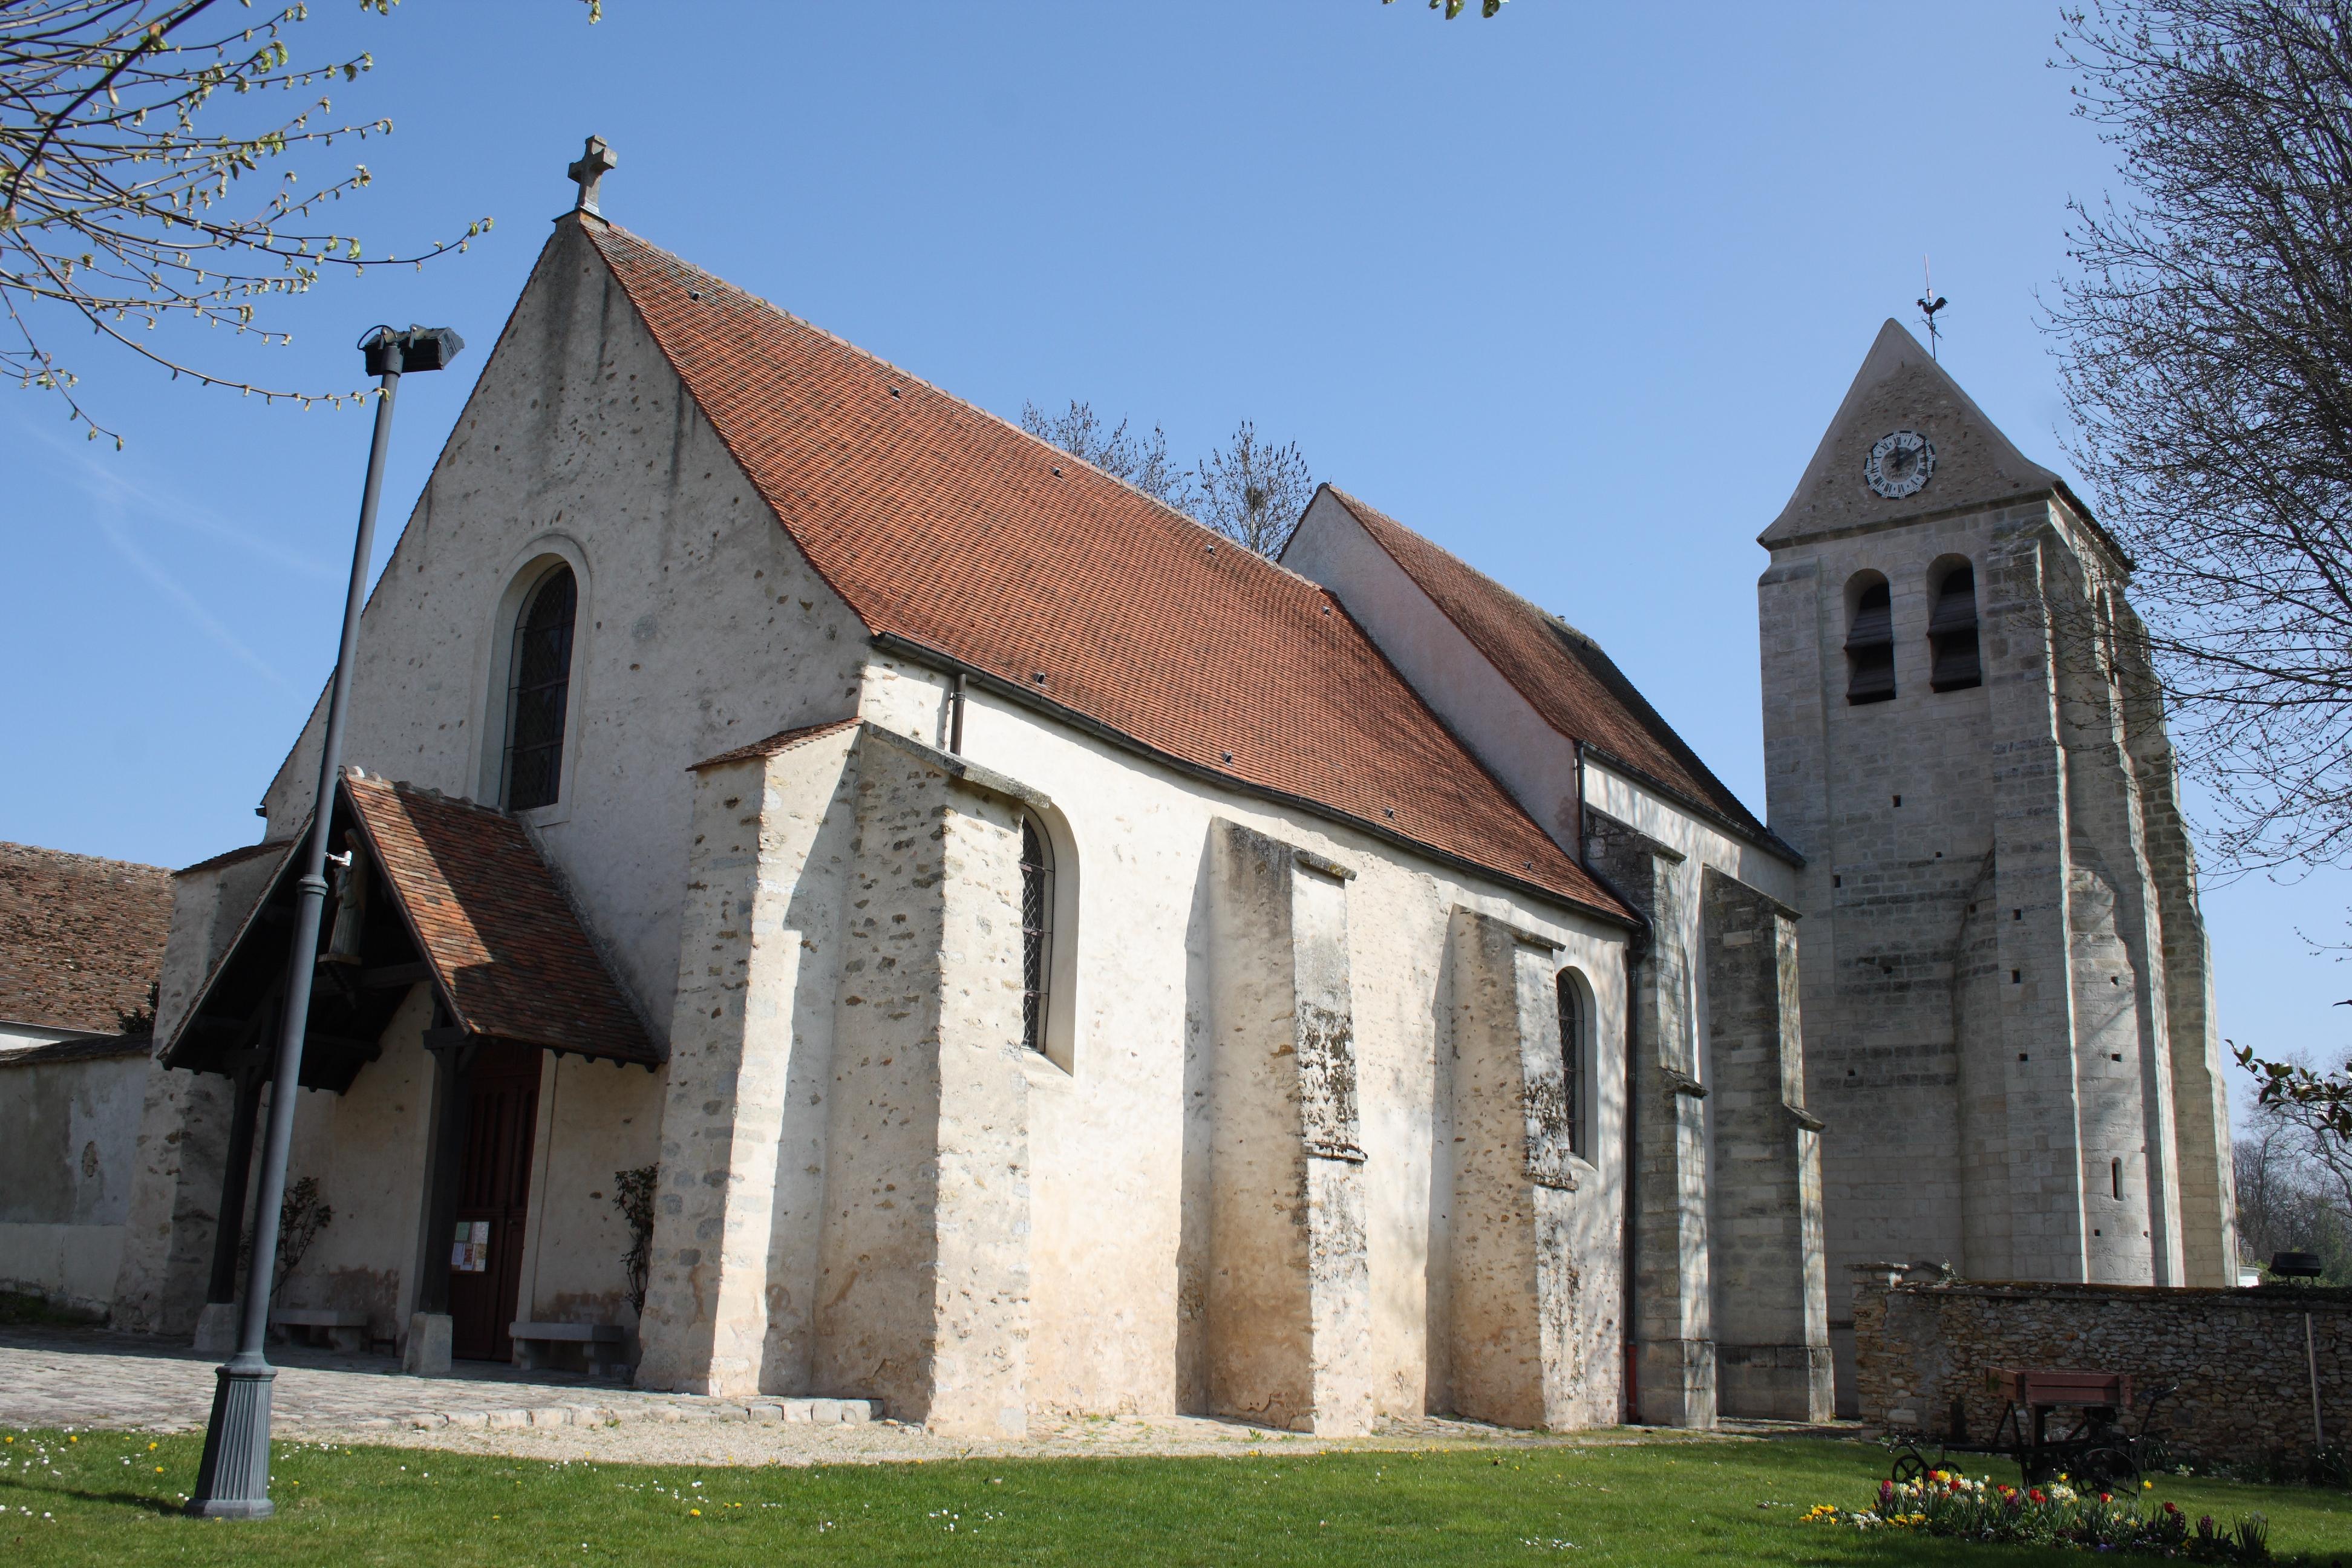 Marolles-en-Brie (Val-de-Marne)